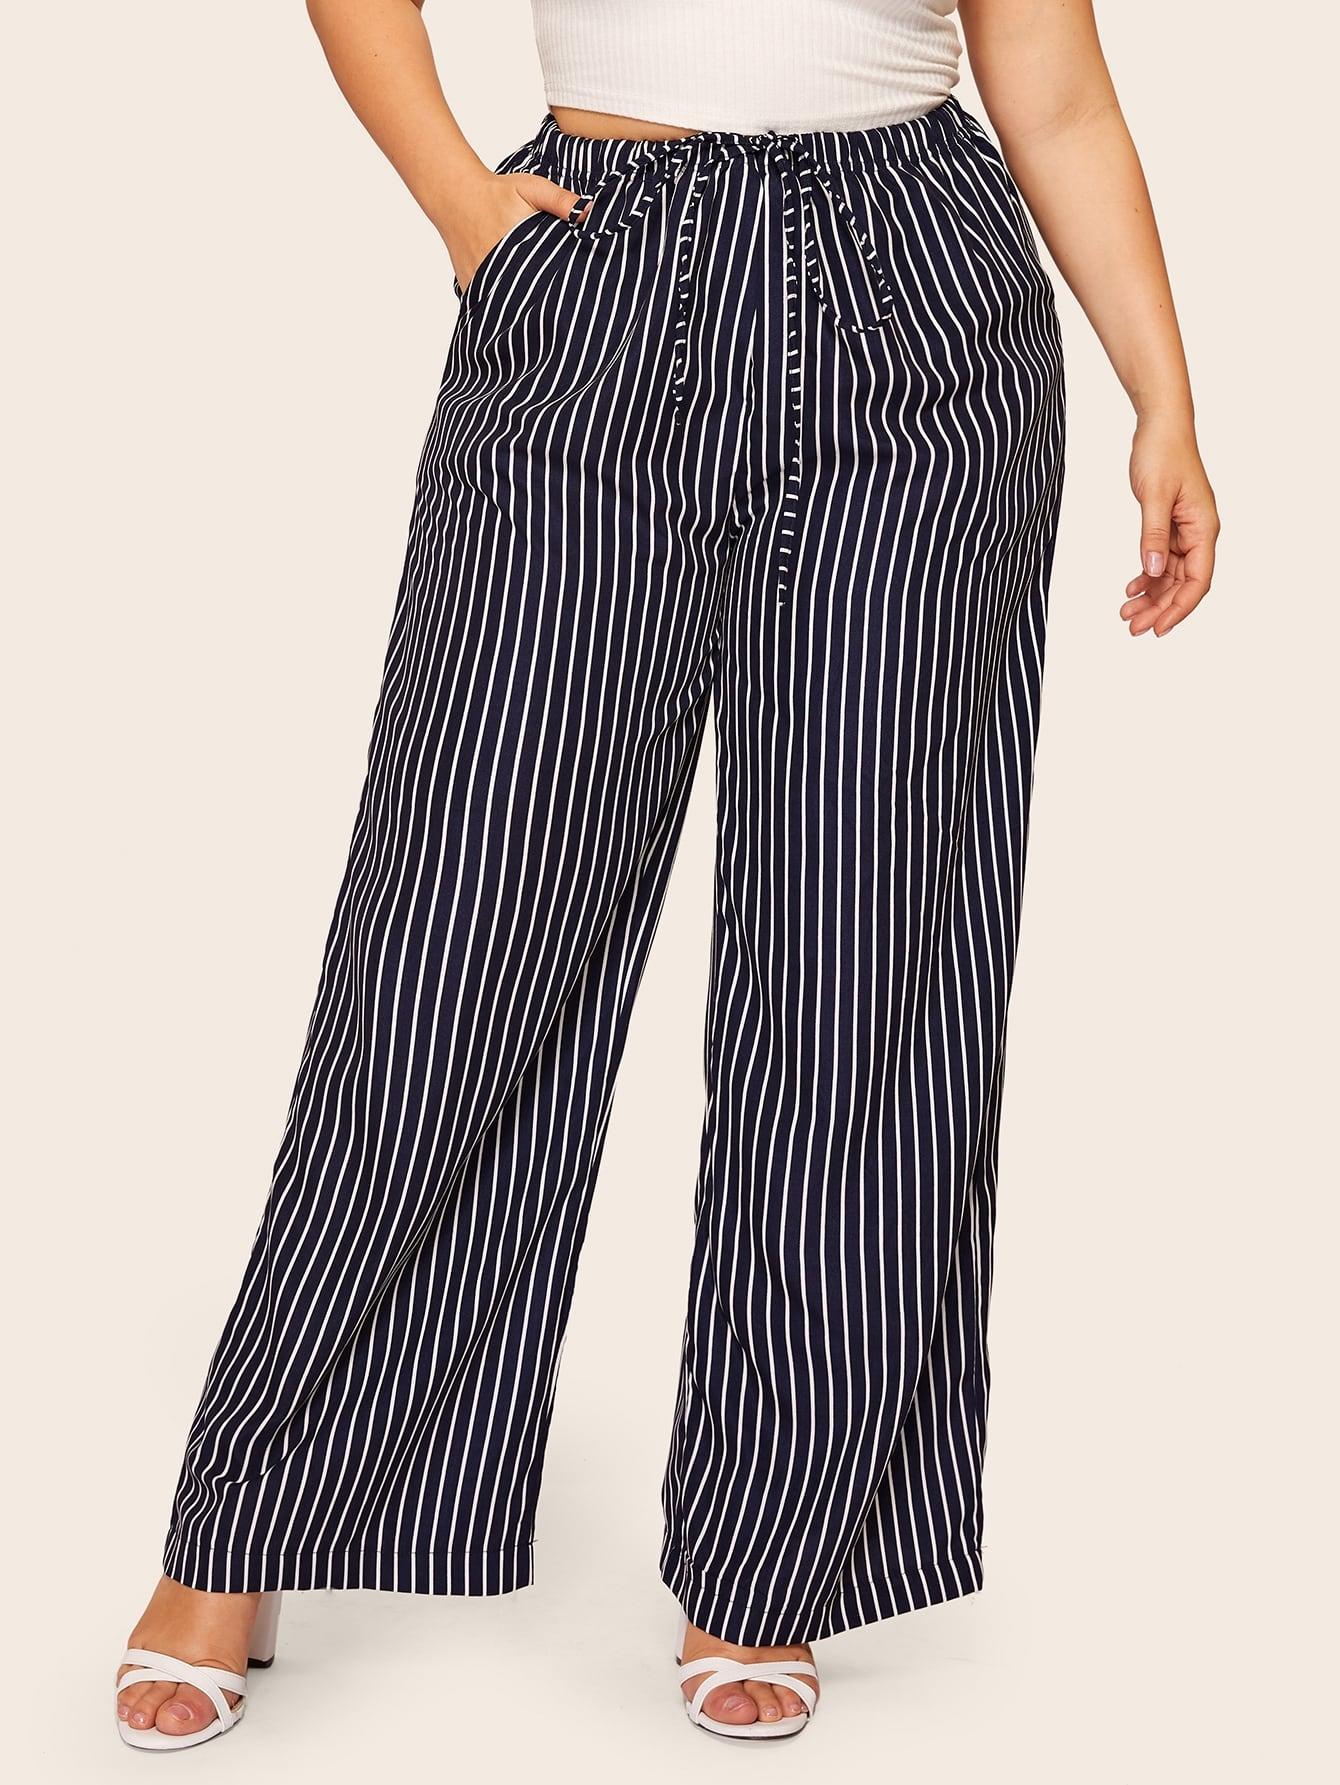 Фото - Размера плюс полосатые широкие брюки с кулиской на талии от SheIn цвет тёмно-синие